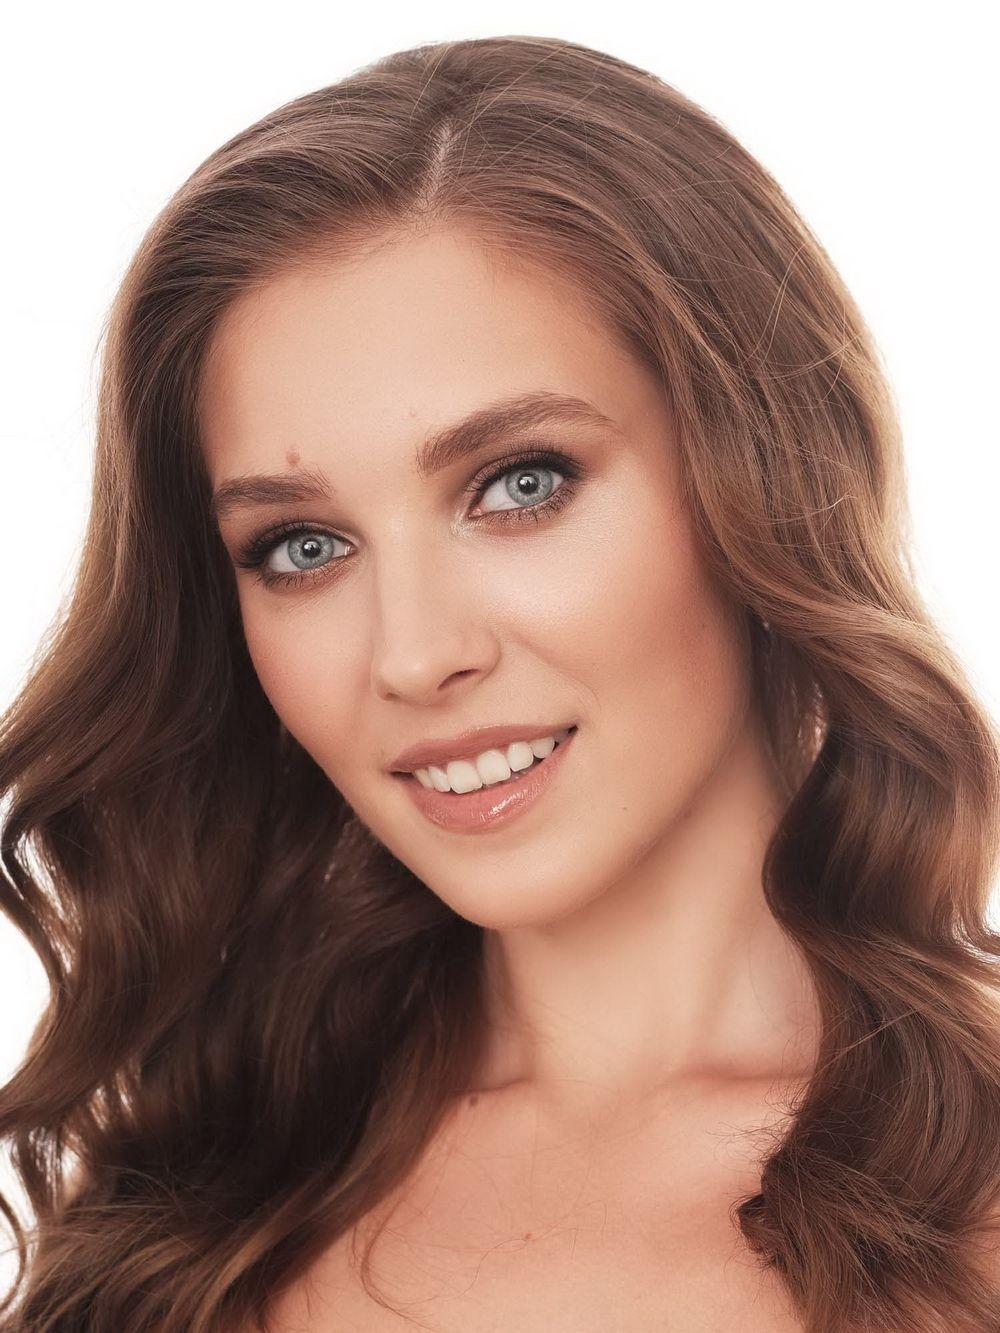 №3. Елизавета Мальцева. Возраст: 20 лет. Рост: 175 см.